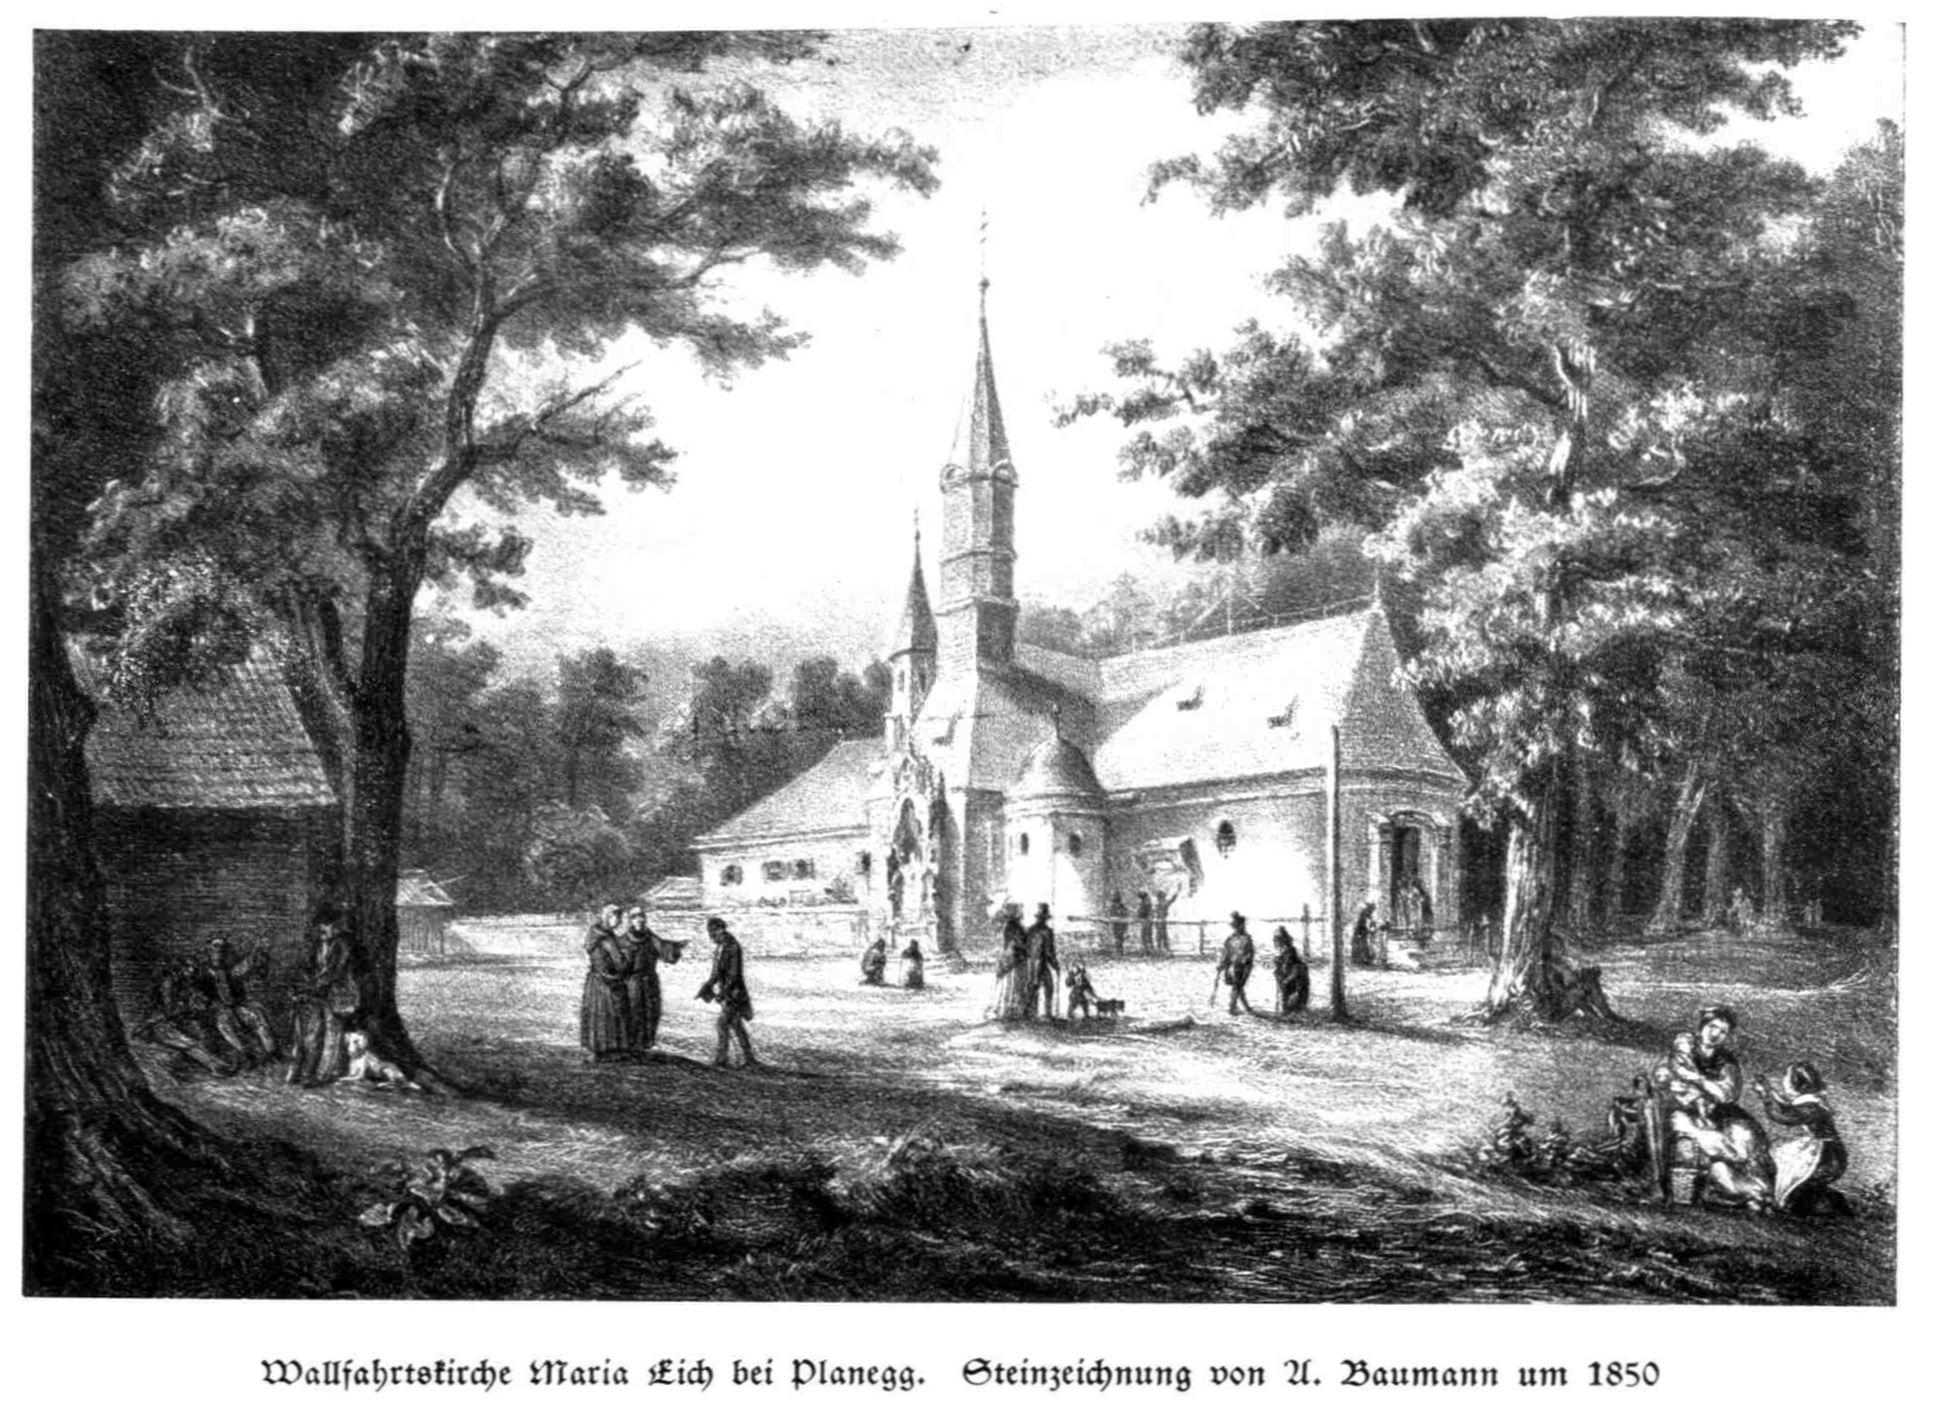 Bild: Lithografie der Wallfahrtskirche Maria Eich von 1850